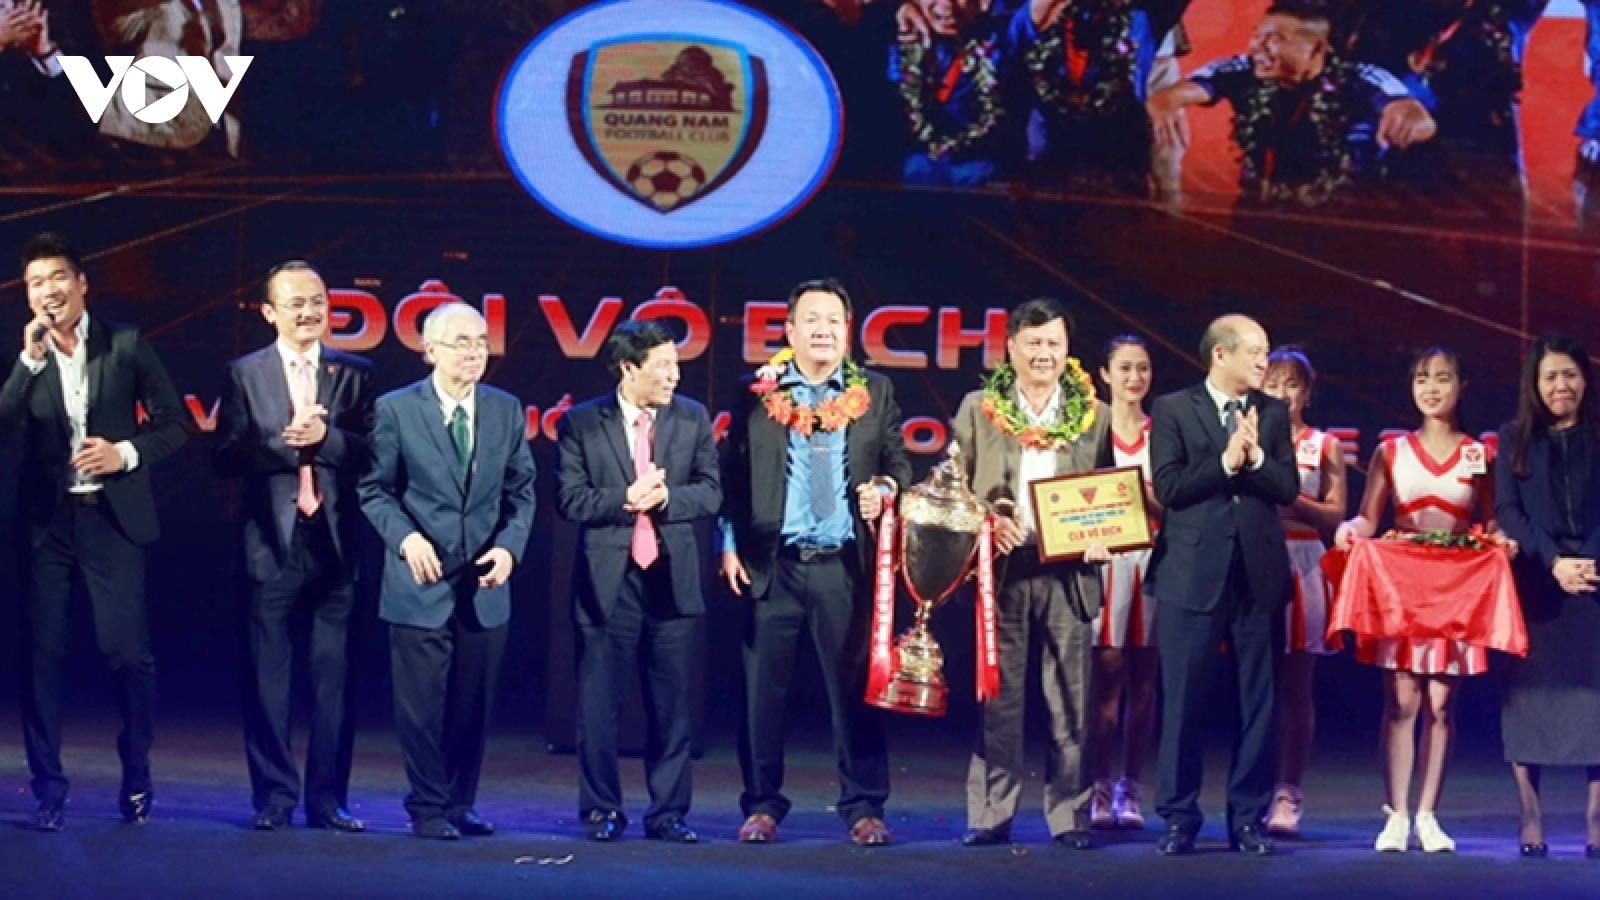 HLV Hoàng Văn Phúc dẫn dắt Hà Nội FC thay HLV Chu Đình Nghiêm?